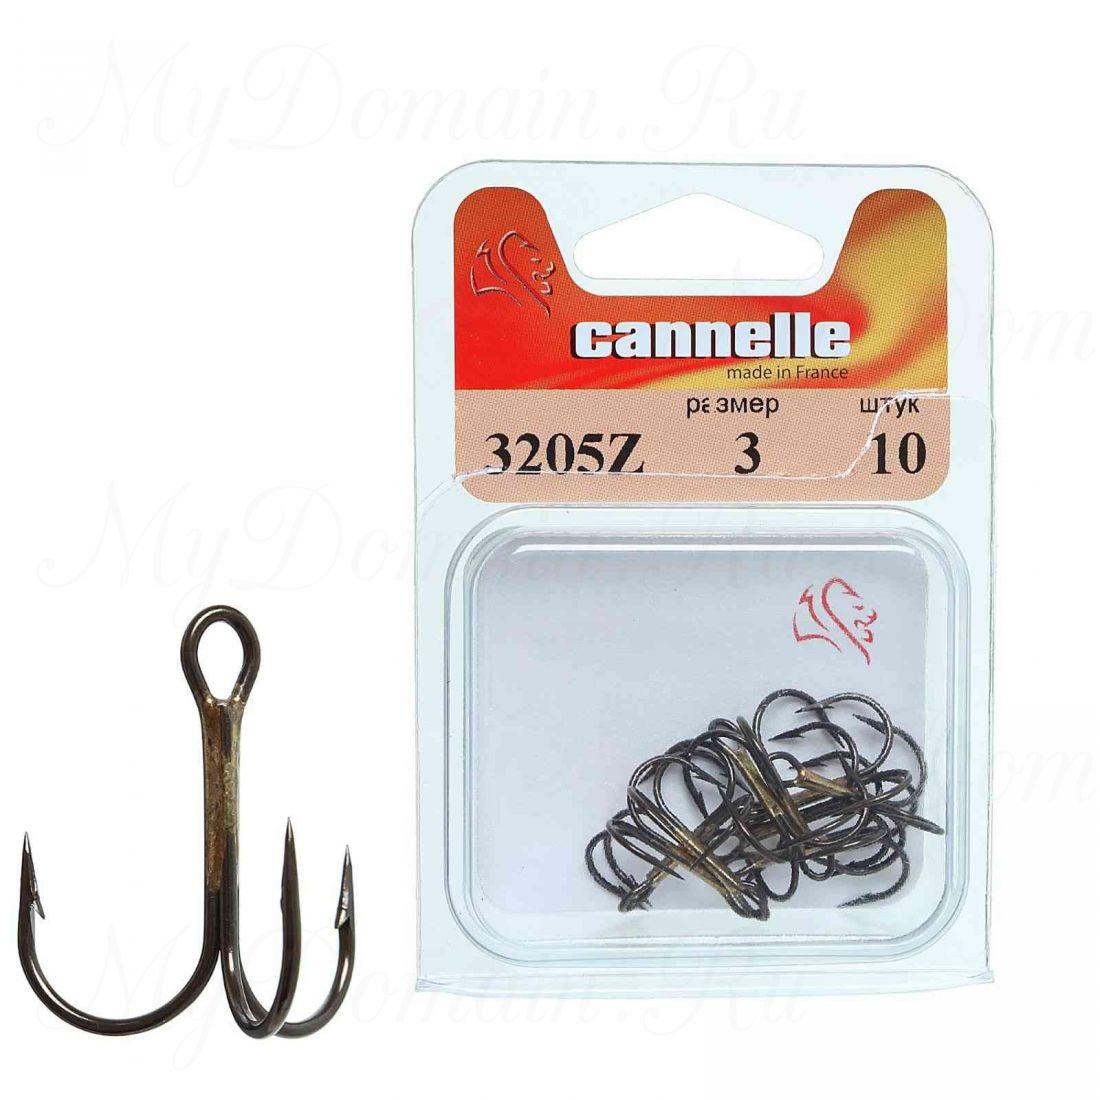 Тройник Cannelle 3205 N № 10 уп. 10 шт. (никель,круглый поддев,стандартный тройник,средняя проволка)